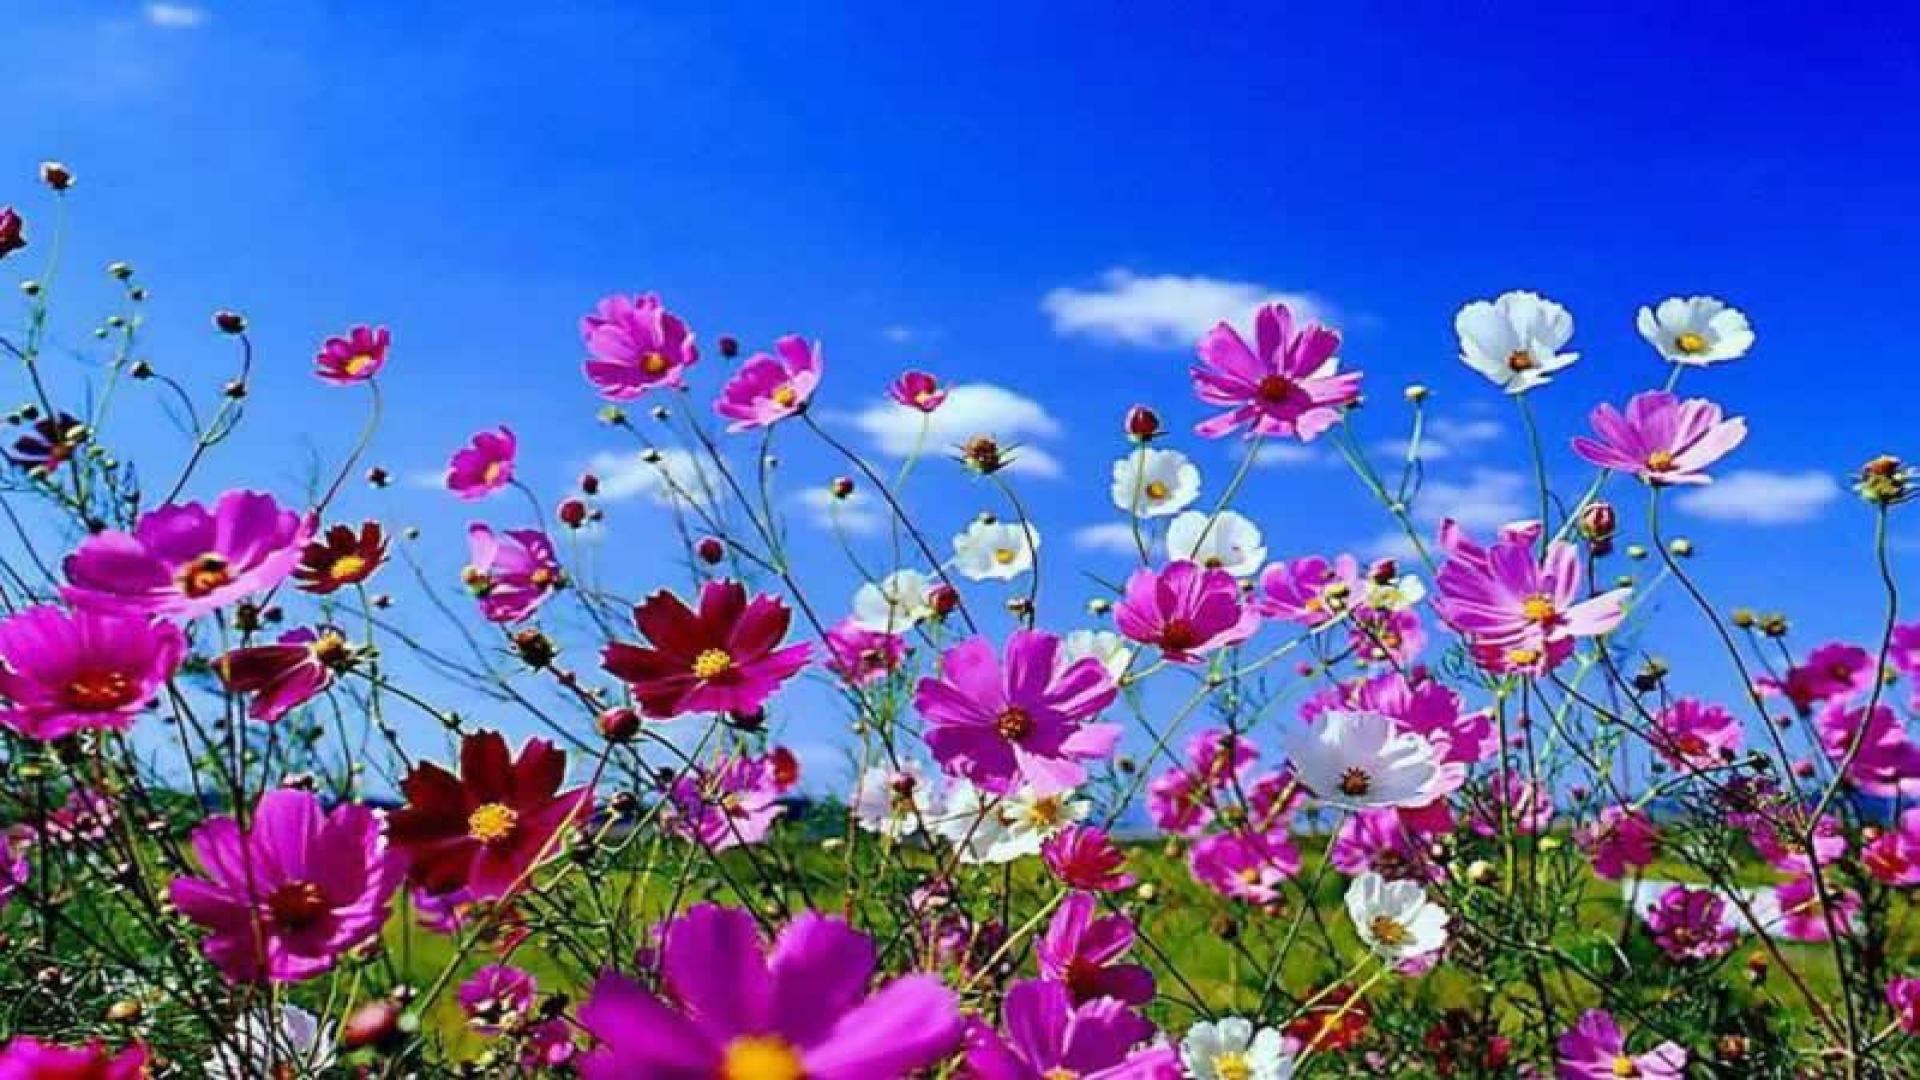 Beautiful Spring Desktop Wallpaper   Wallpaper High Definition High 1920x1080